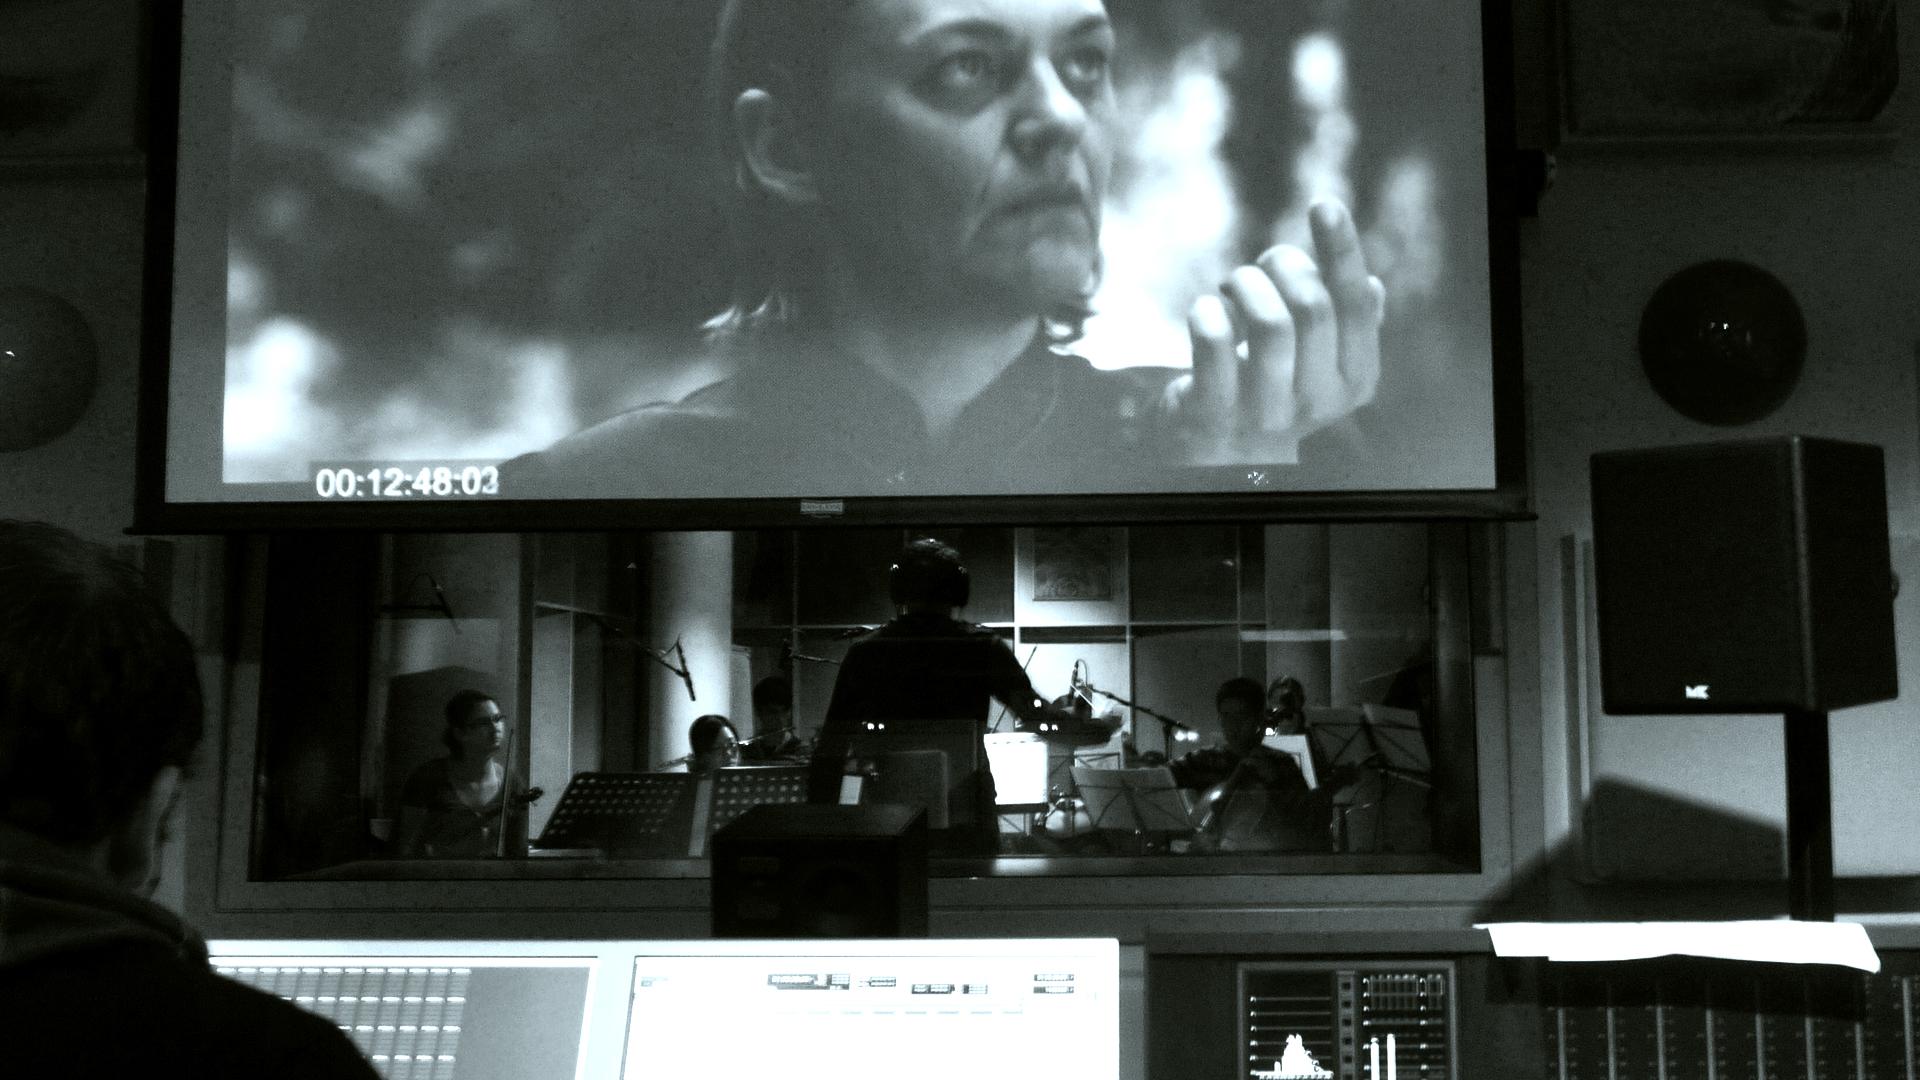 Max I. Milian, Komponist, Arrangeur, Filmmusik München, Orchestereinspielung